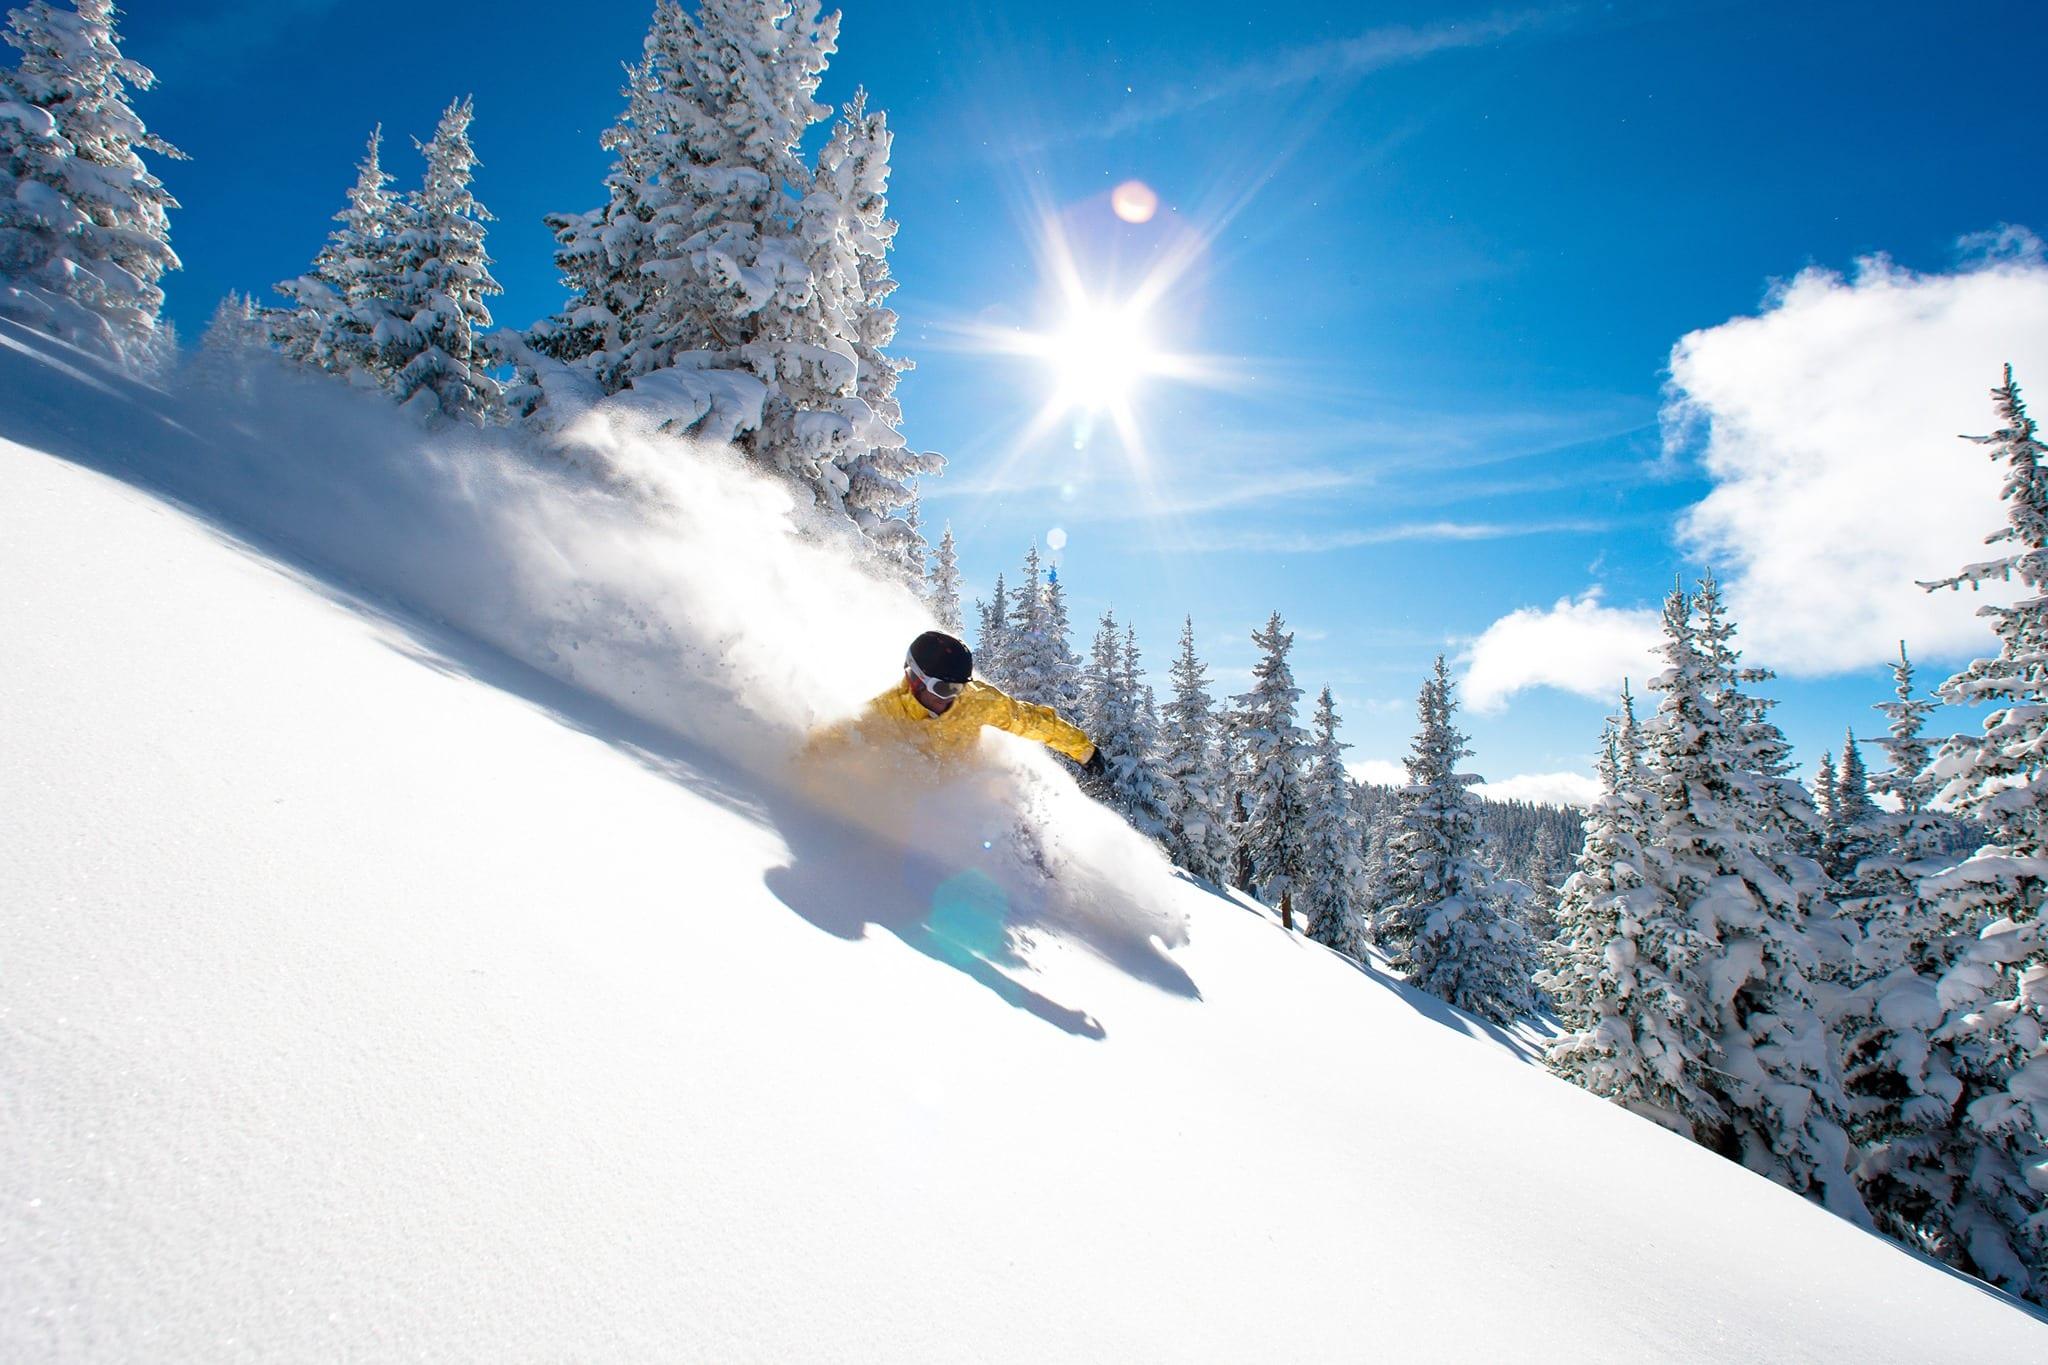 image of vail ski resort